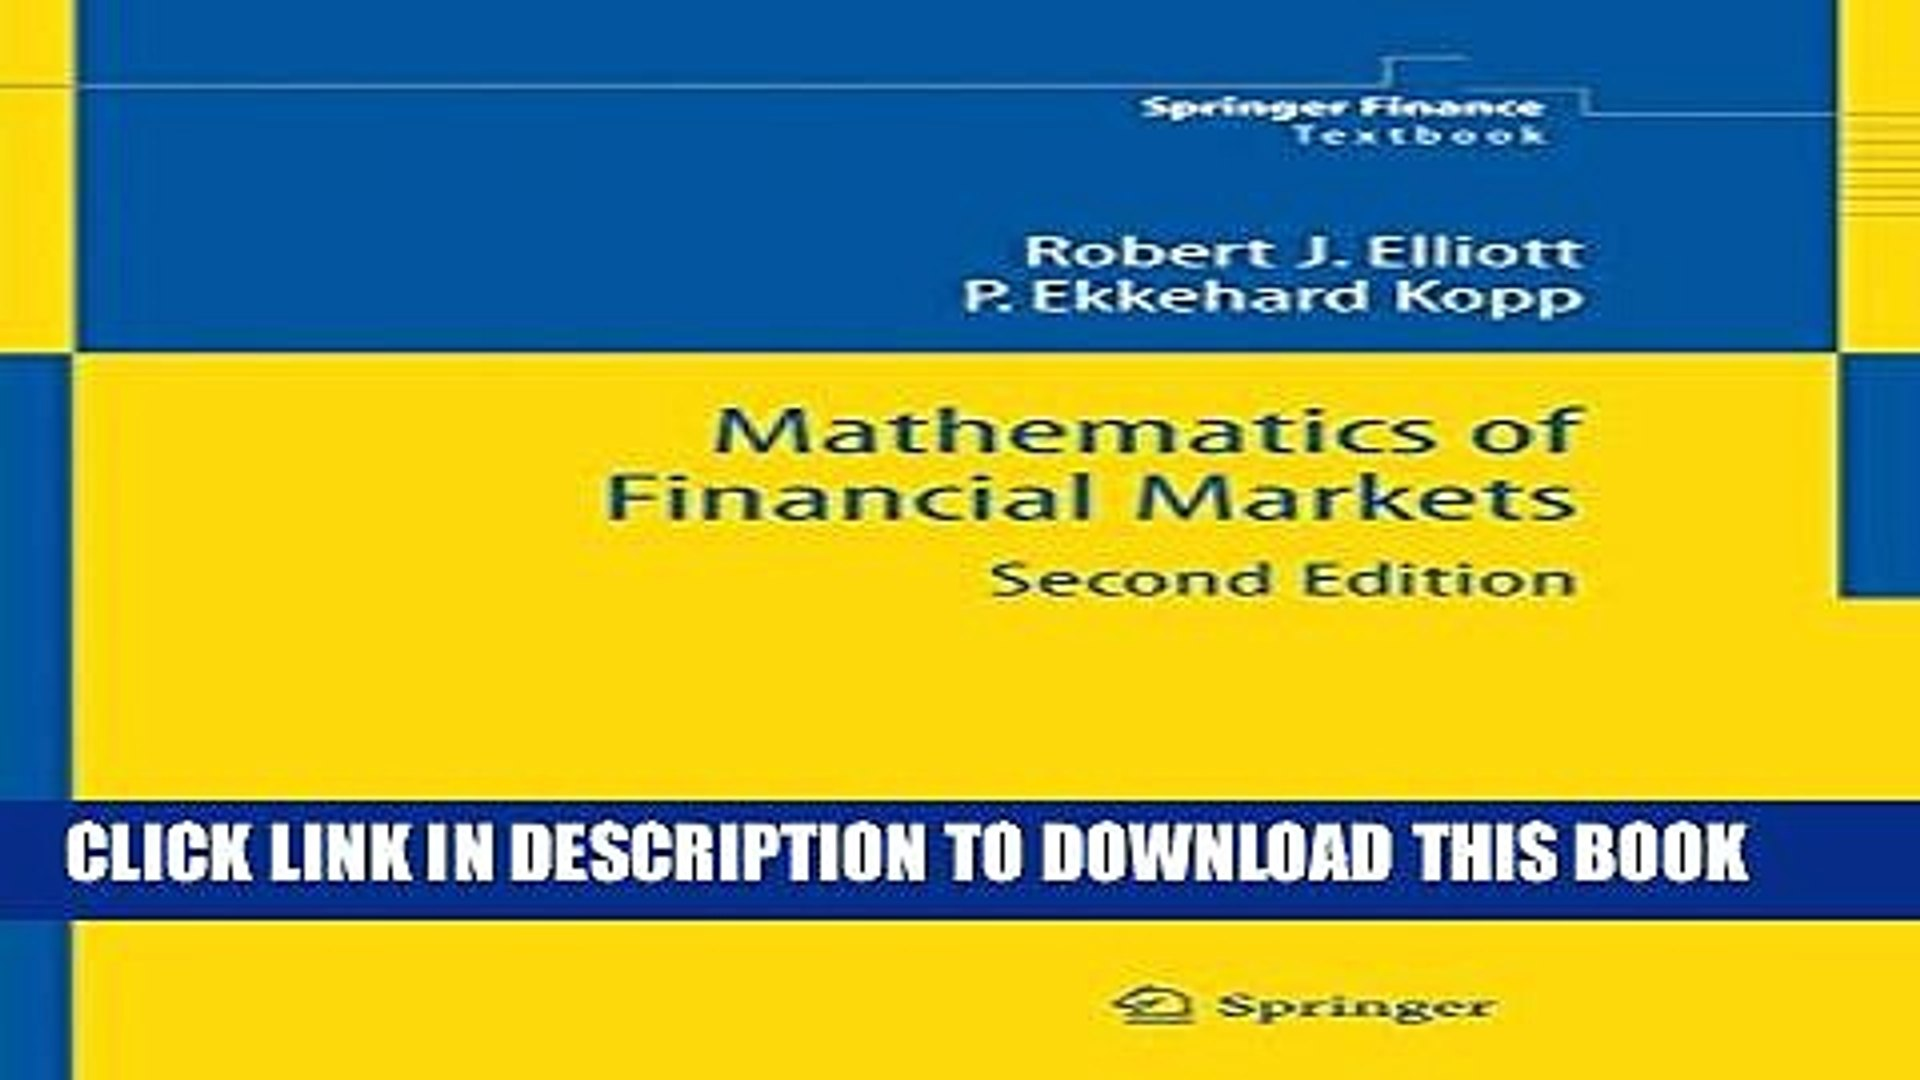 Mathematics of financial markets